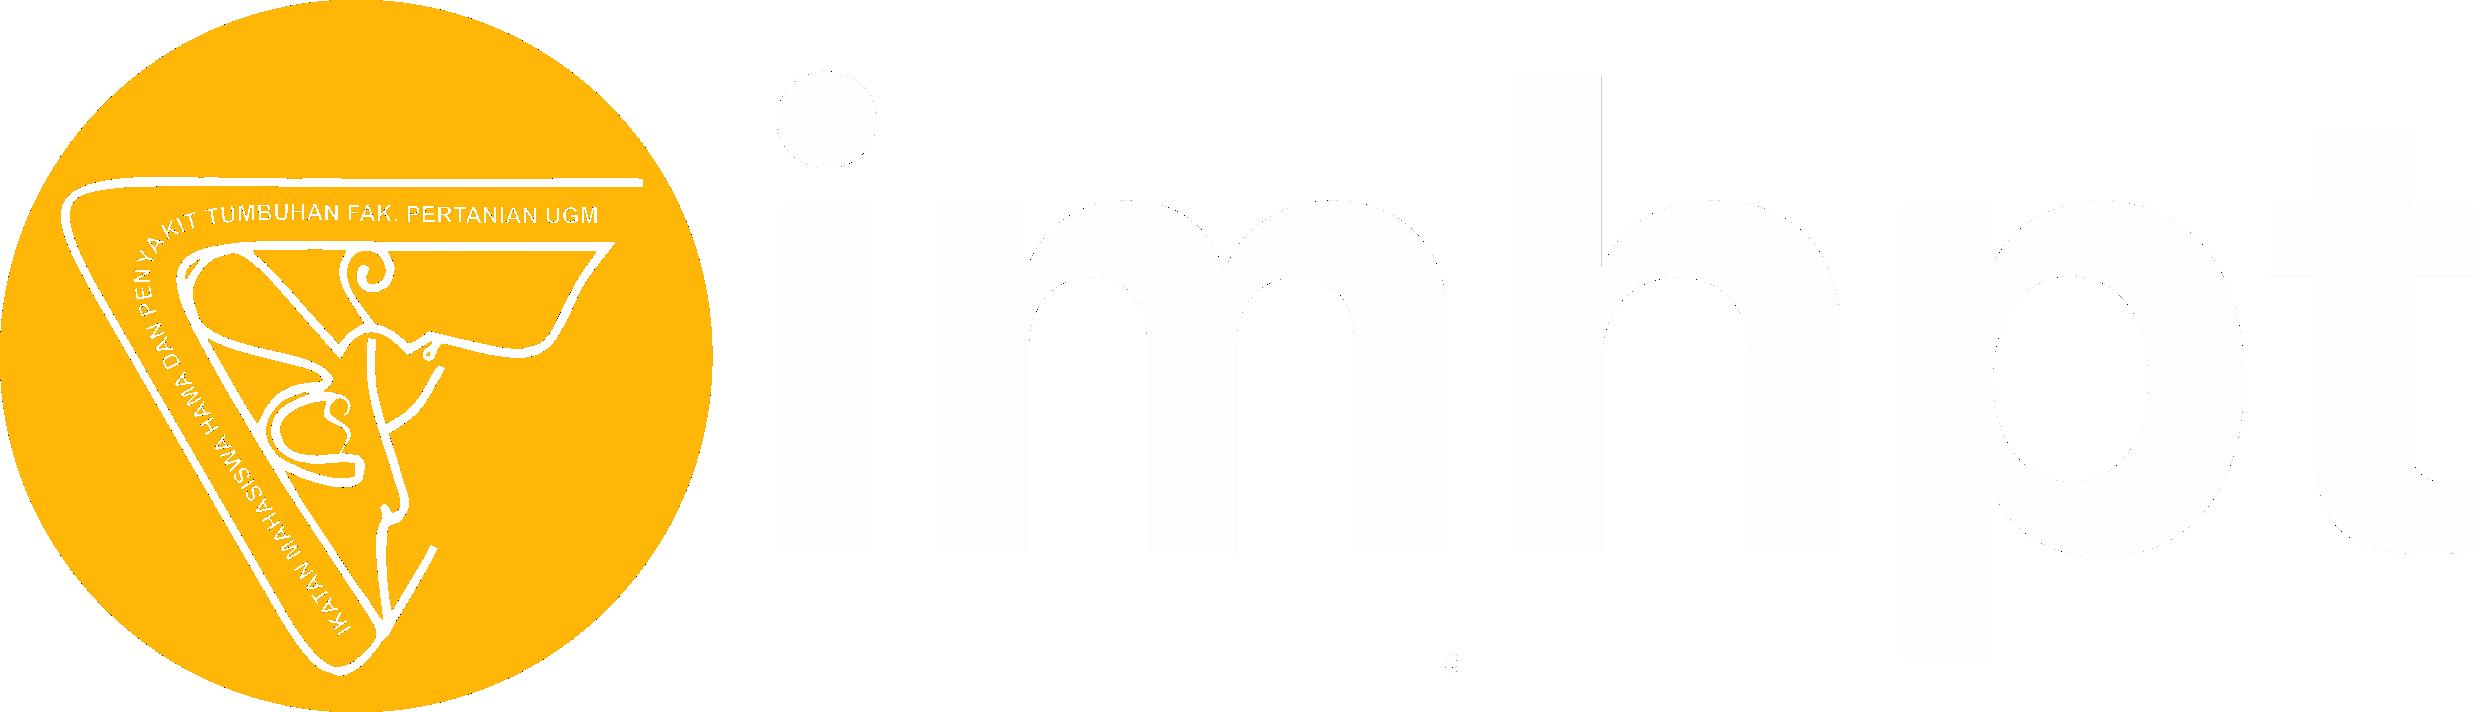 WEBSITE IMHPT FPN UGM